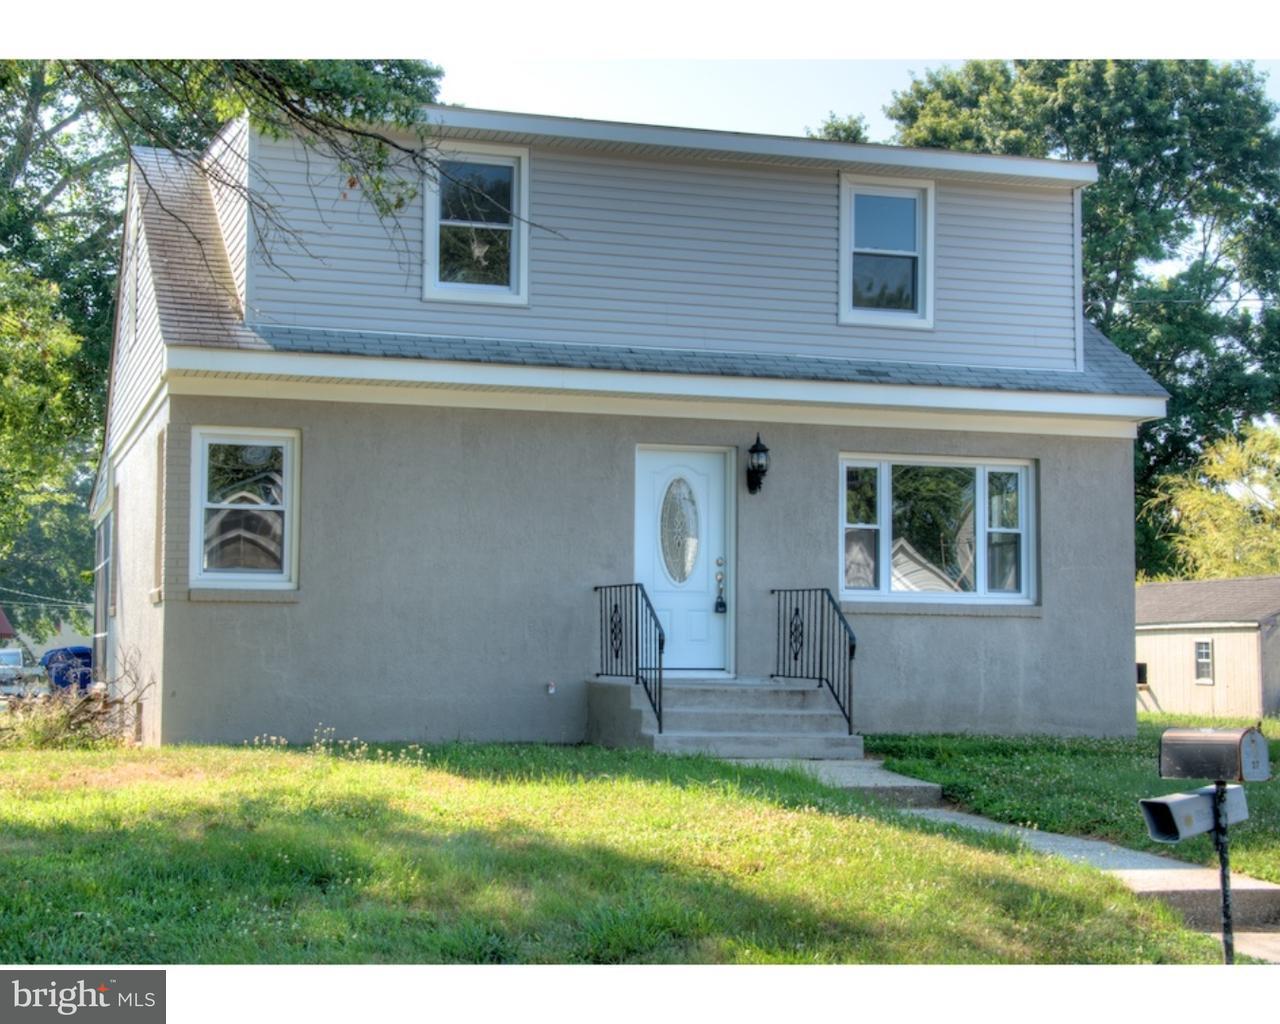 Частный односемейный дом для того Продажа на 37 SLAPE Avenue Elsinboro Township, Нью-Джерси 08079 Соединенные Штаты